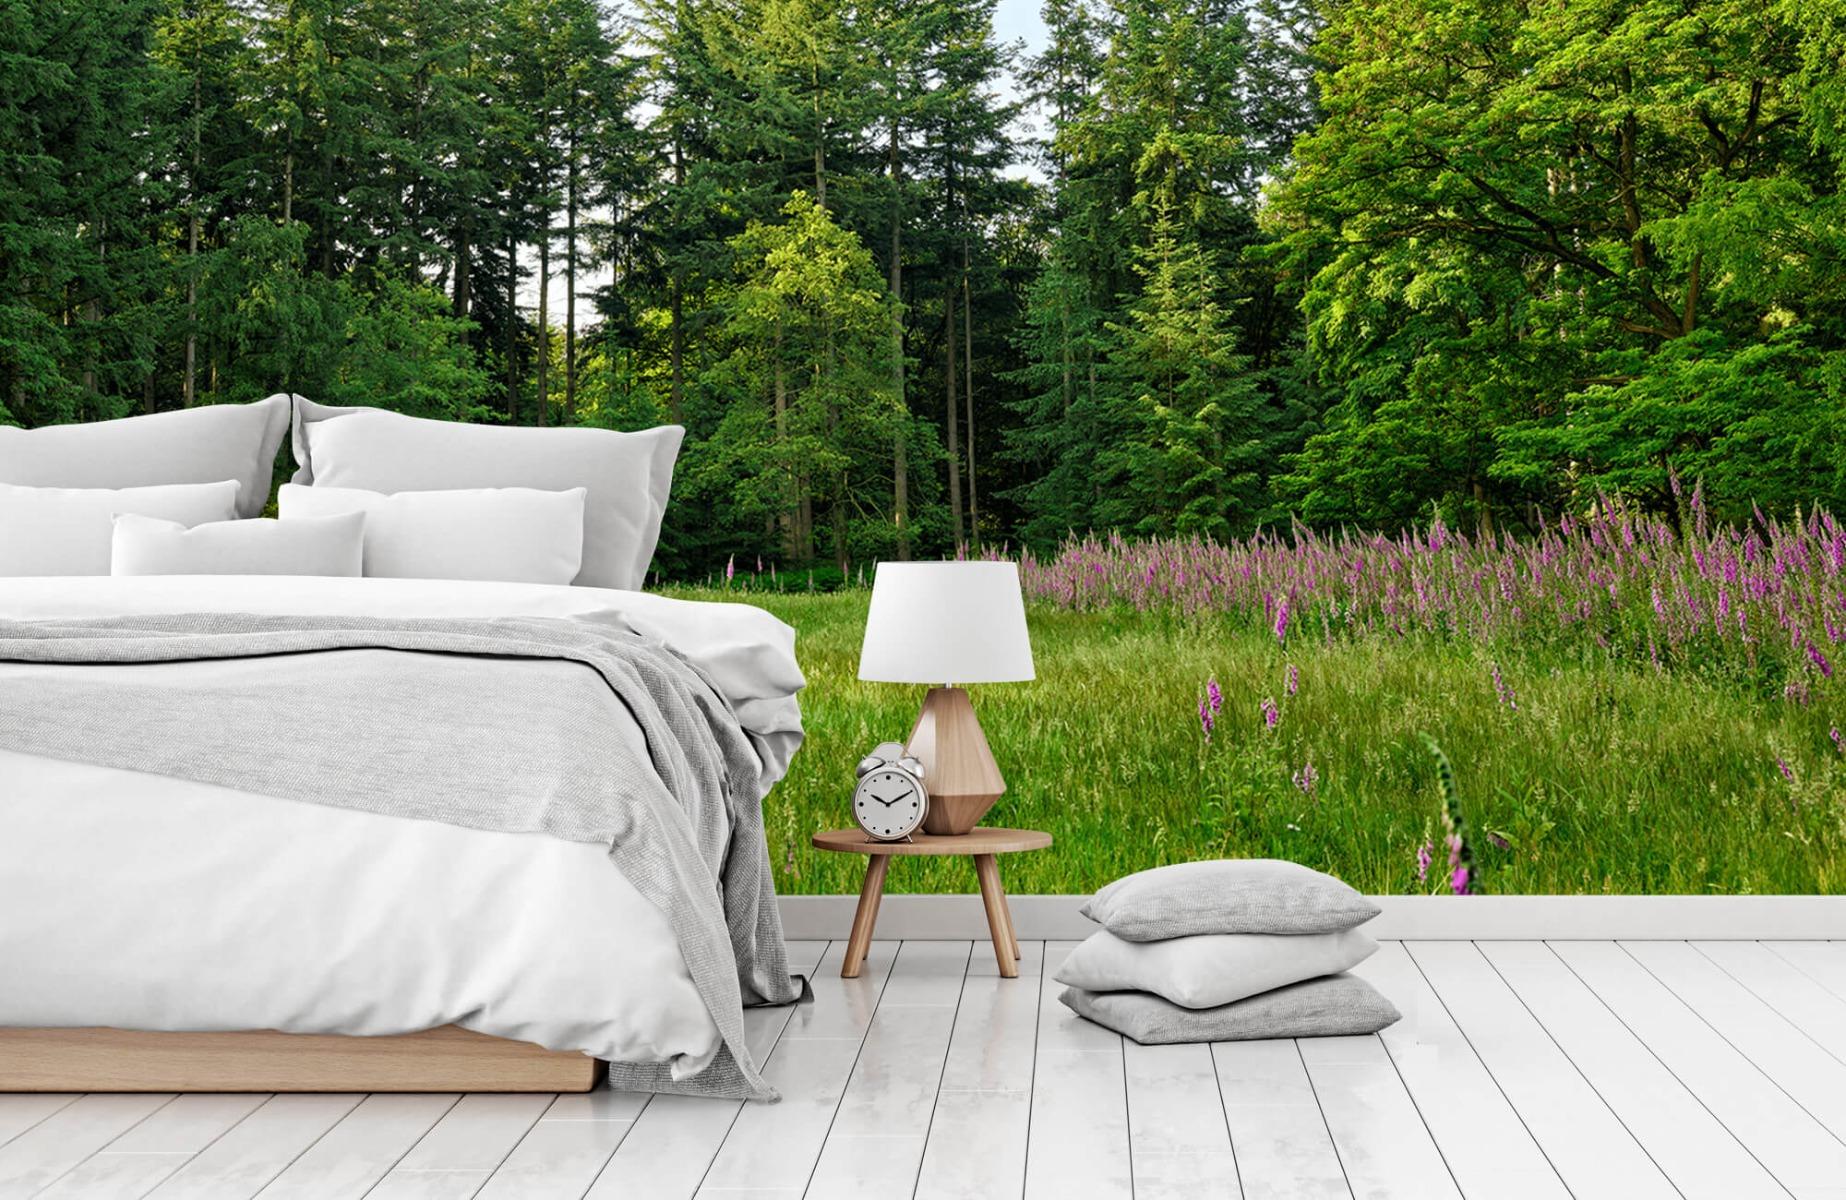 Bos behang - Open plek in het bos - Wallexclusive - Slaapkamer 16